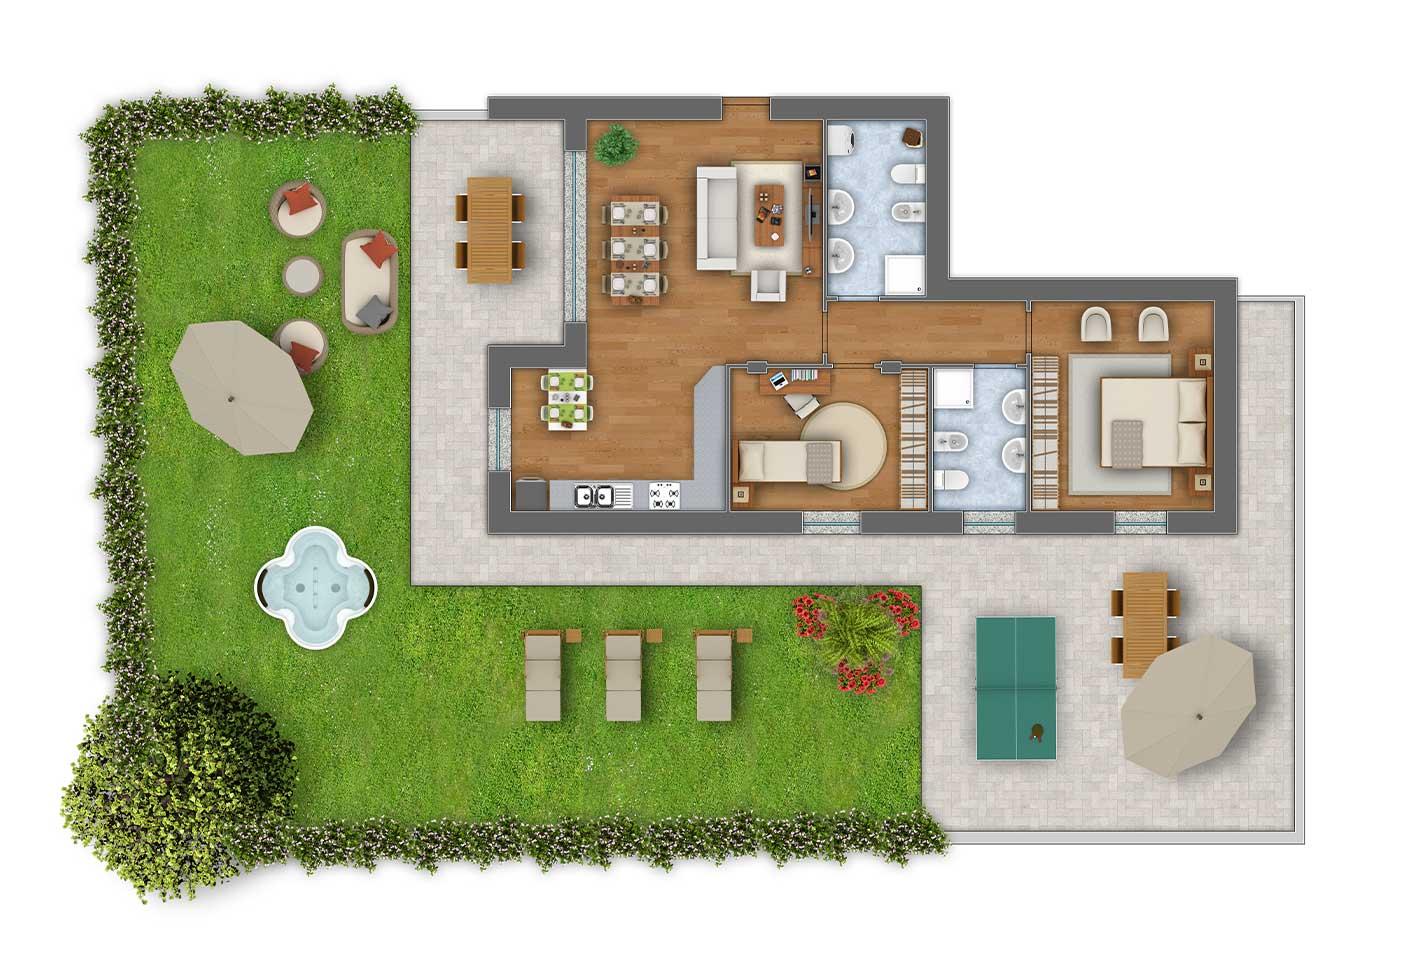 Girasoli 2 trilocale appartamento 1